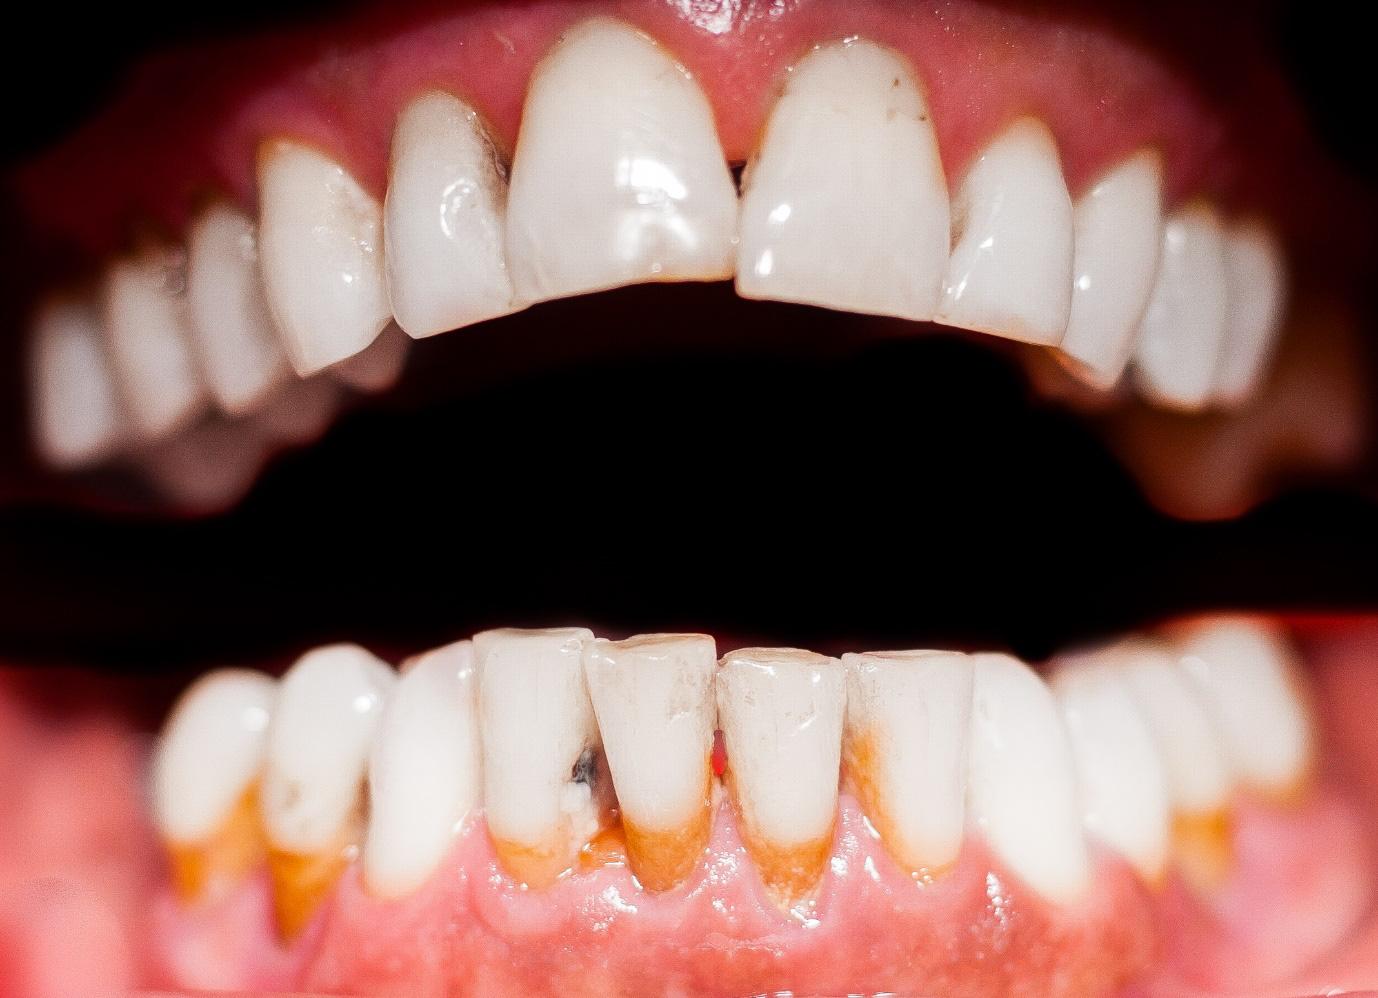 Những bệnh lý răng miệng có thể gây mất răng vĩnh viễn - Ảnh 2.